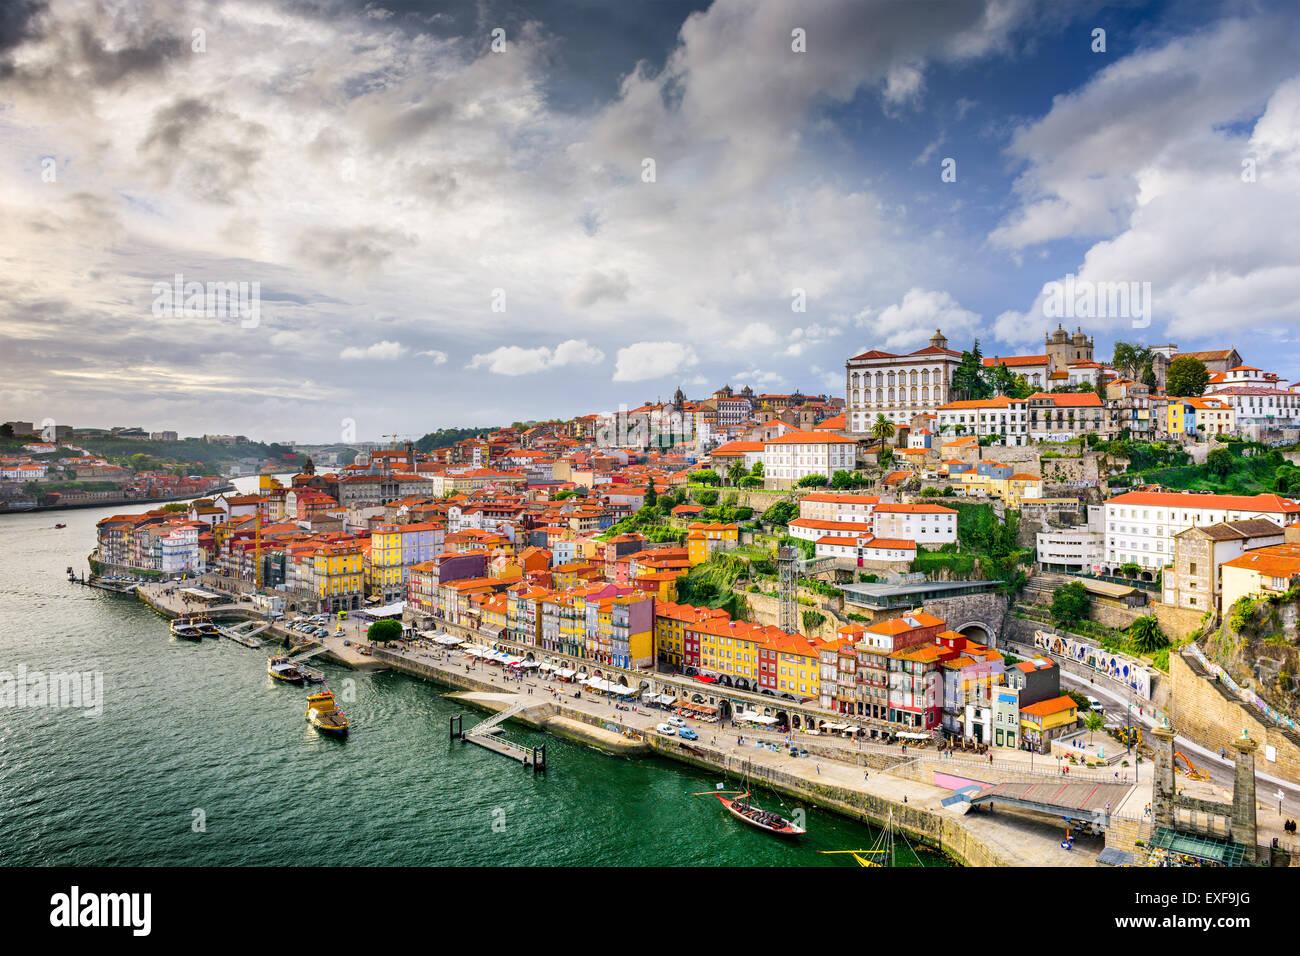 Oporto, Portugal, ciudad antigua en el río Duero. Imagen De Stock